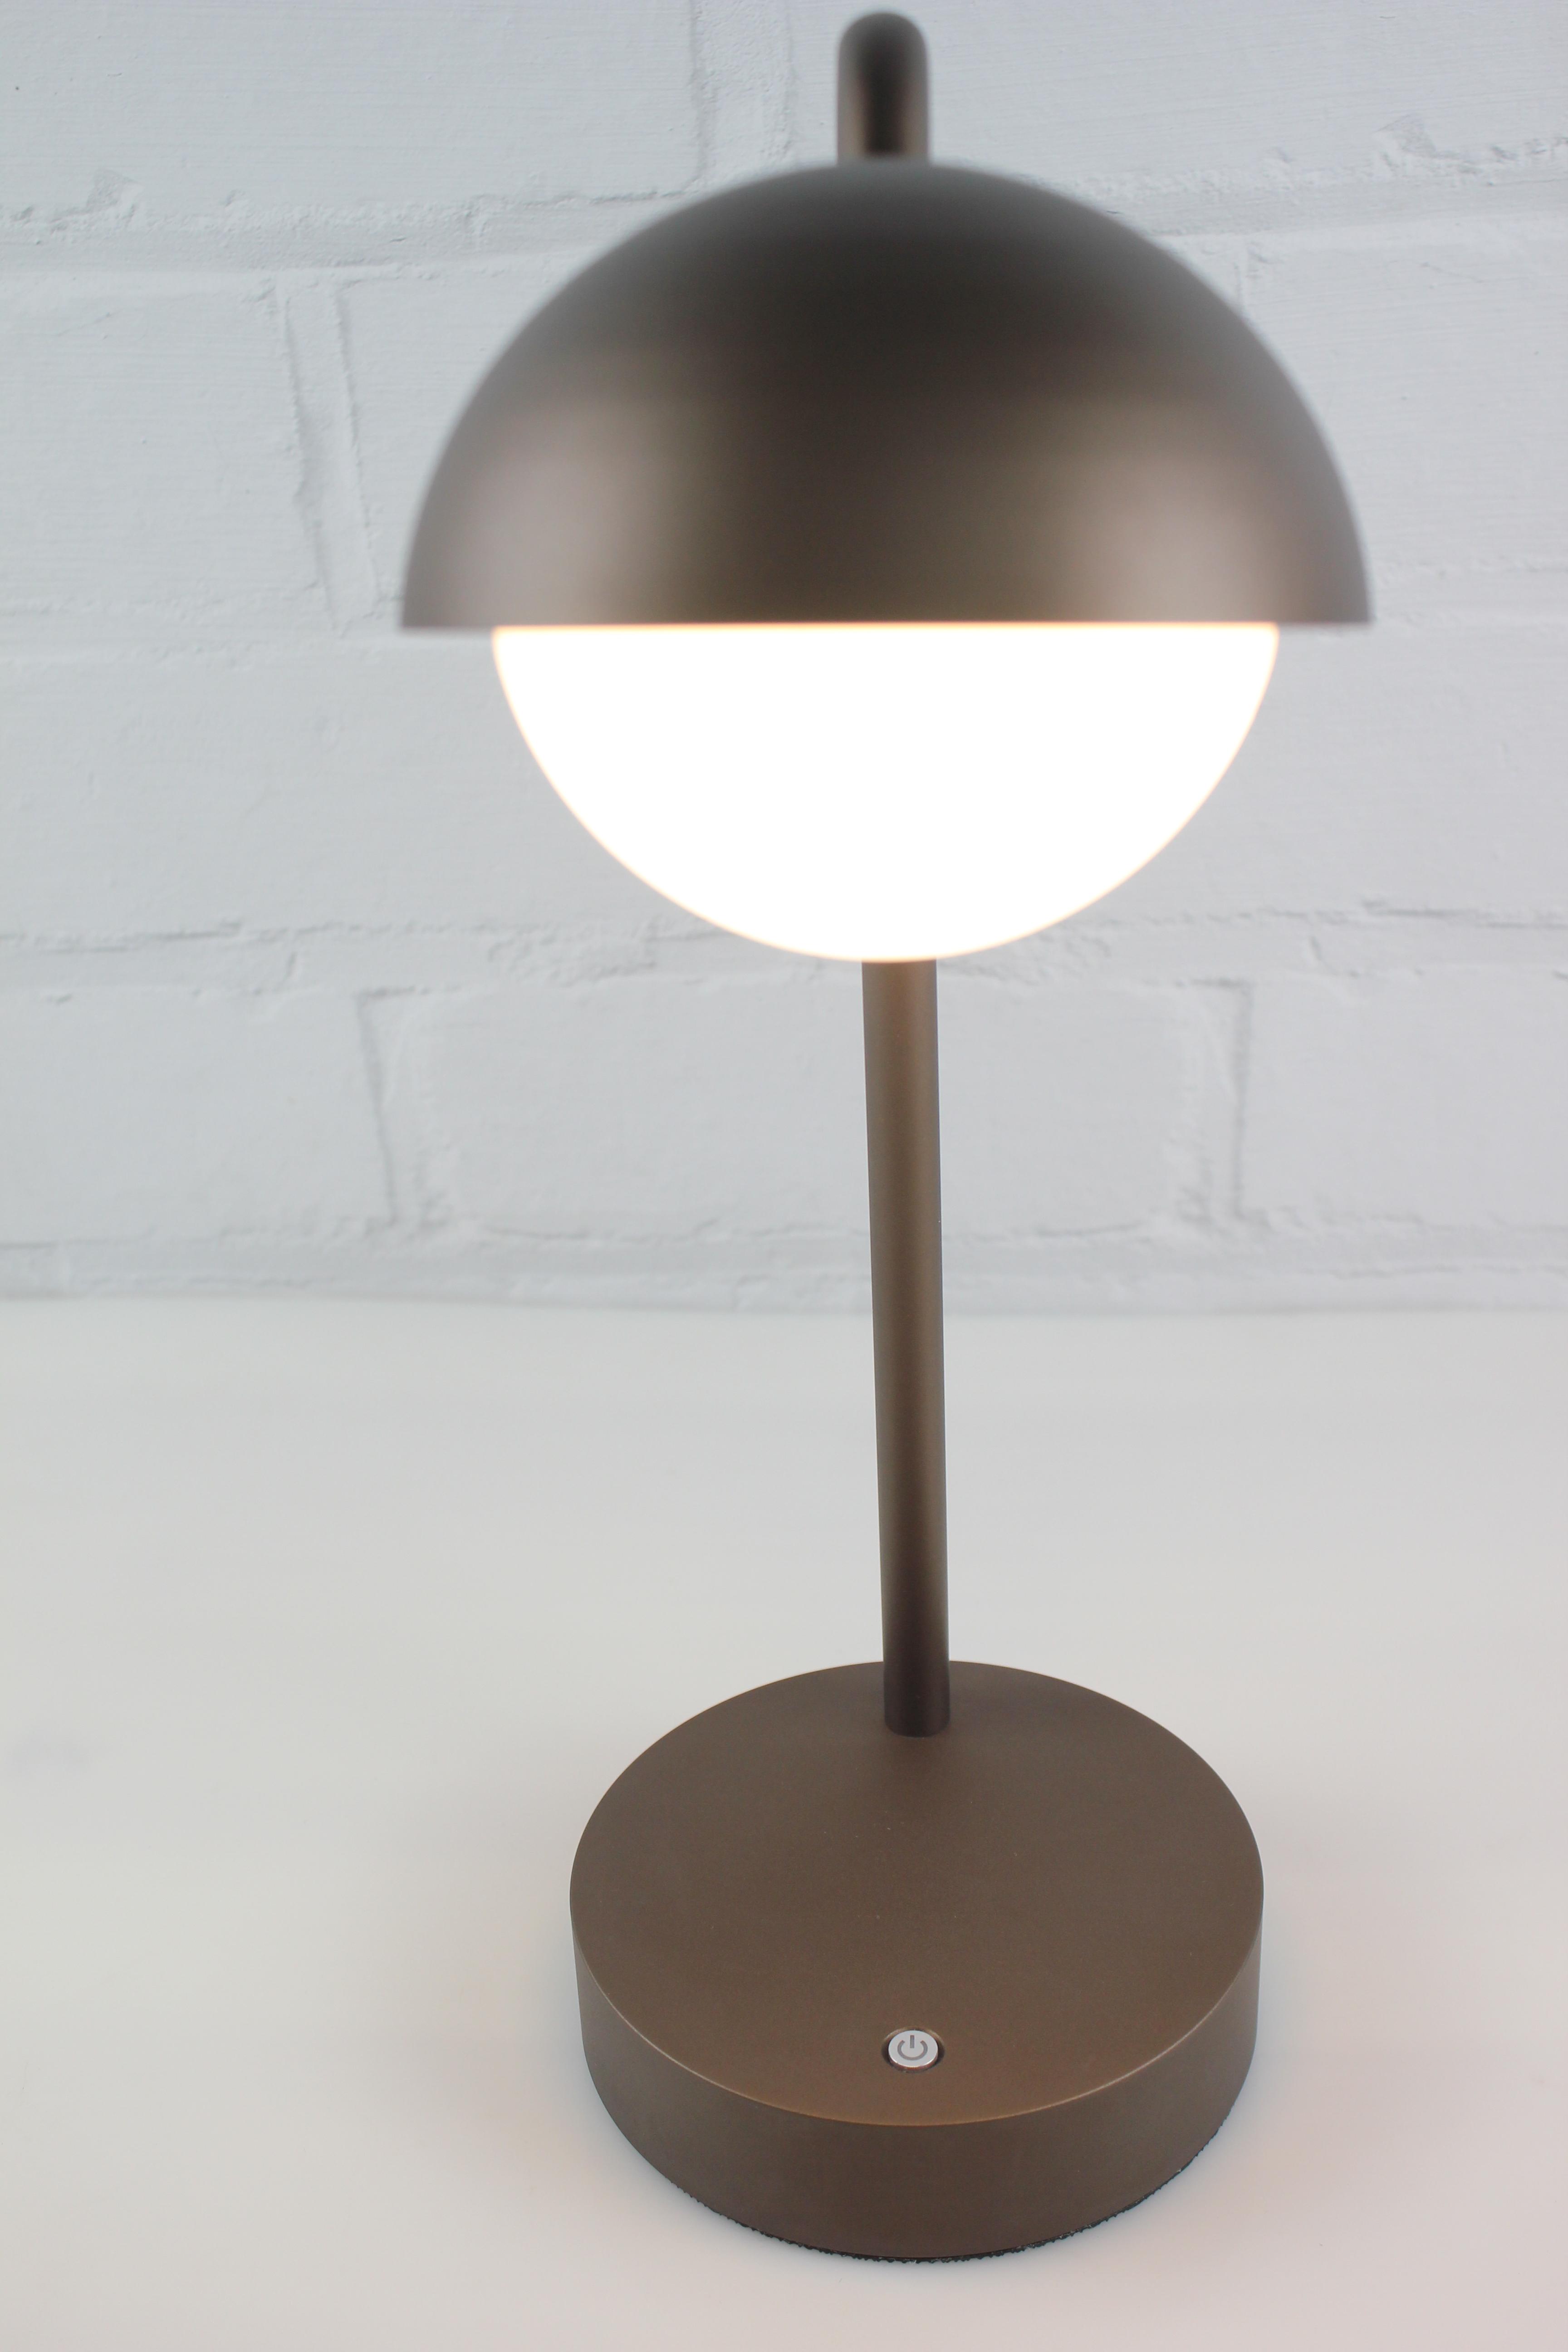 Высокое качество батарея круглый абажур настольная лампа led современный декоративный затемняемый бар металлическая настольная лампа